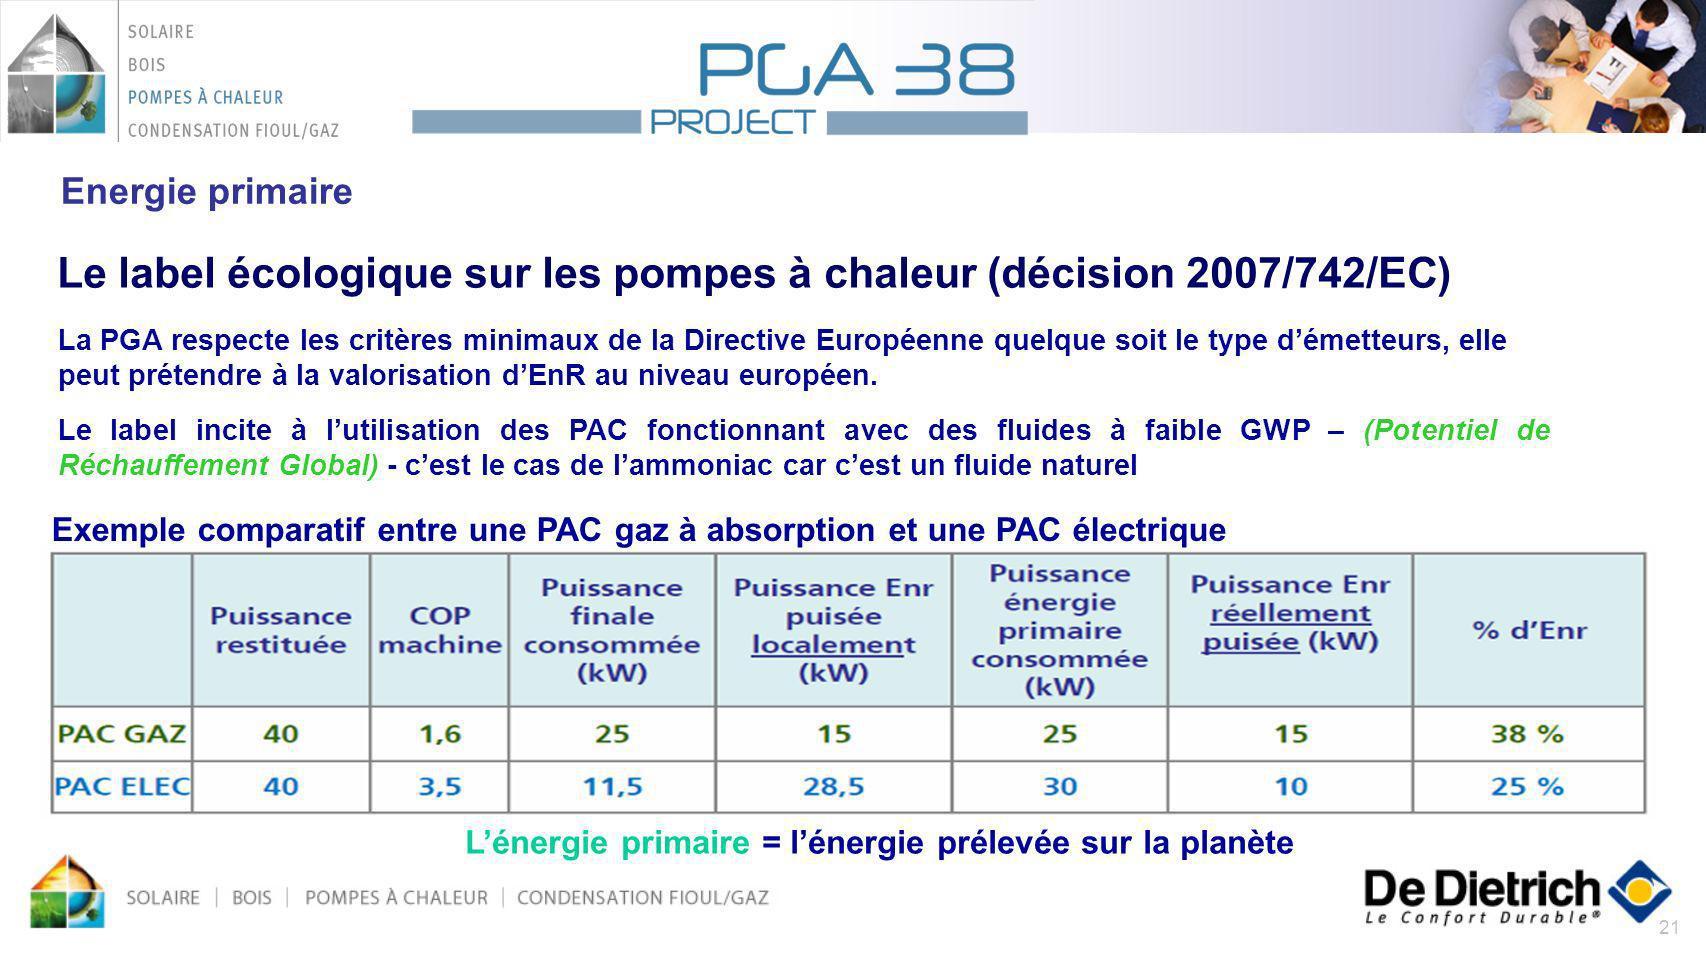 Le label écologique sur les pompes à chaleur (décision 2007/742/EC)